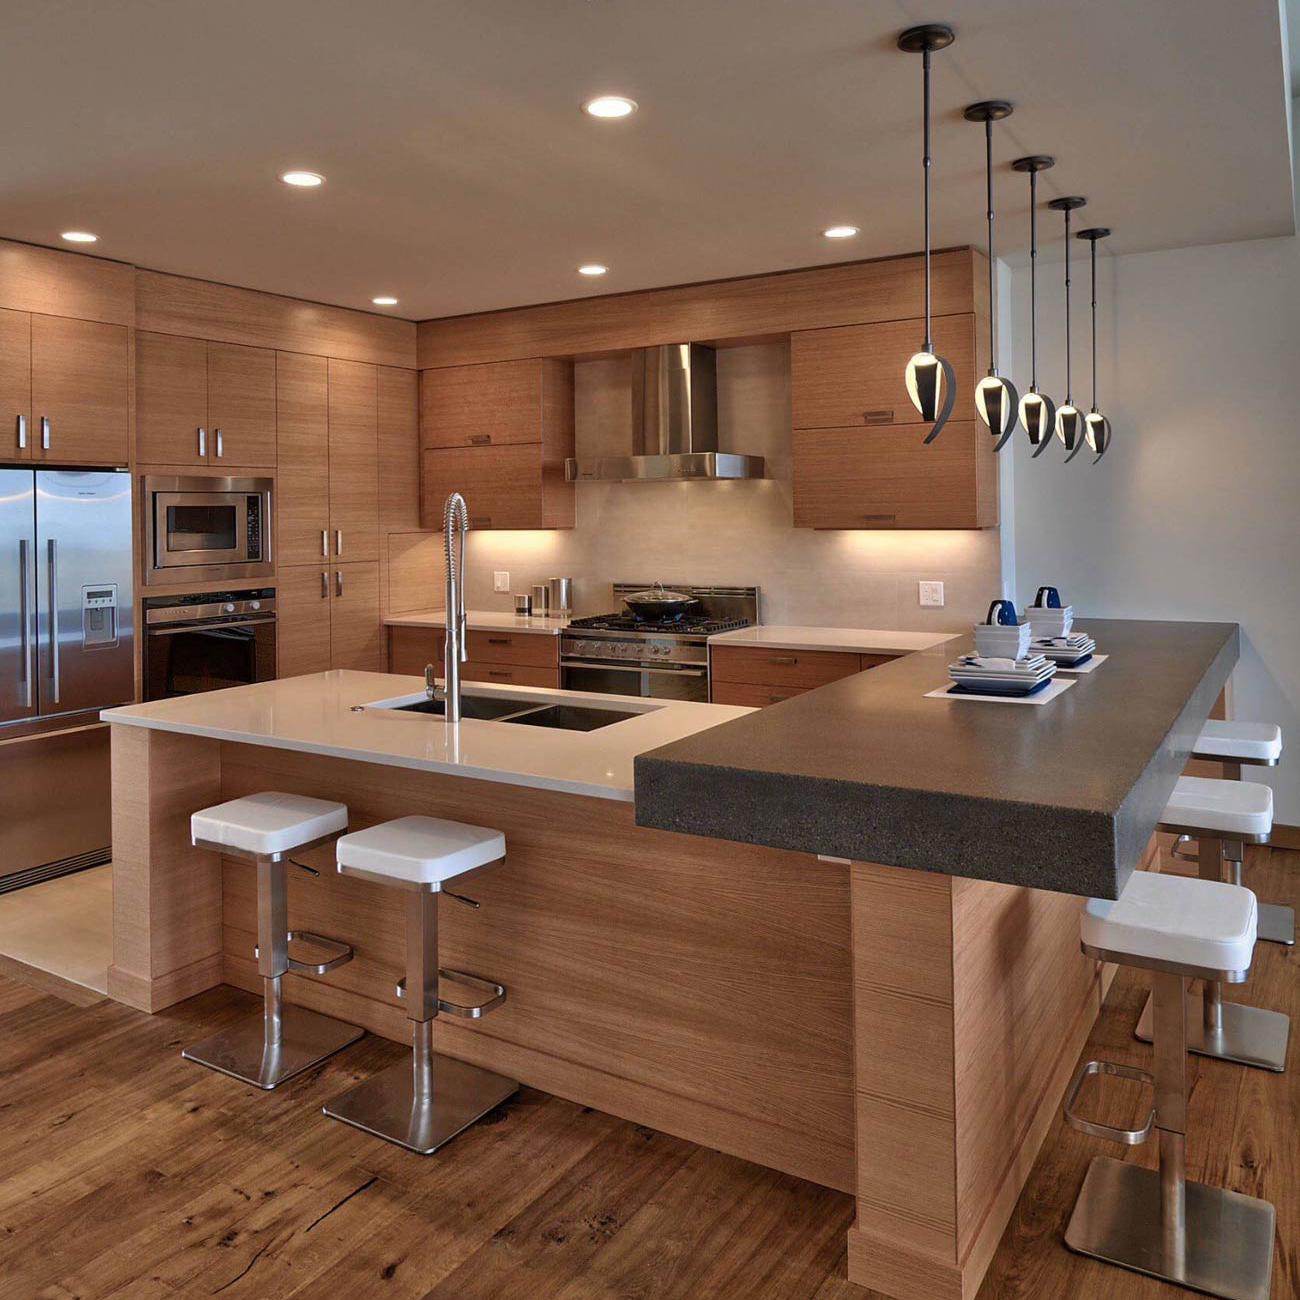 Cozinha Planejada Sofisticada Madeira Bancada Pedra